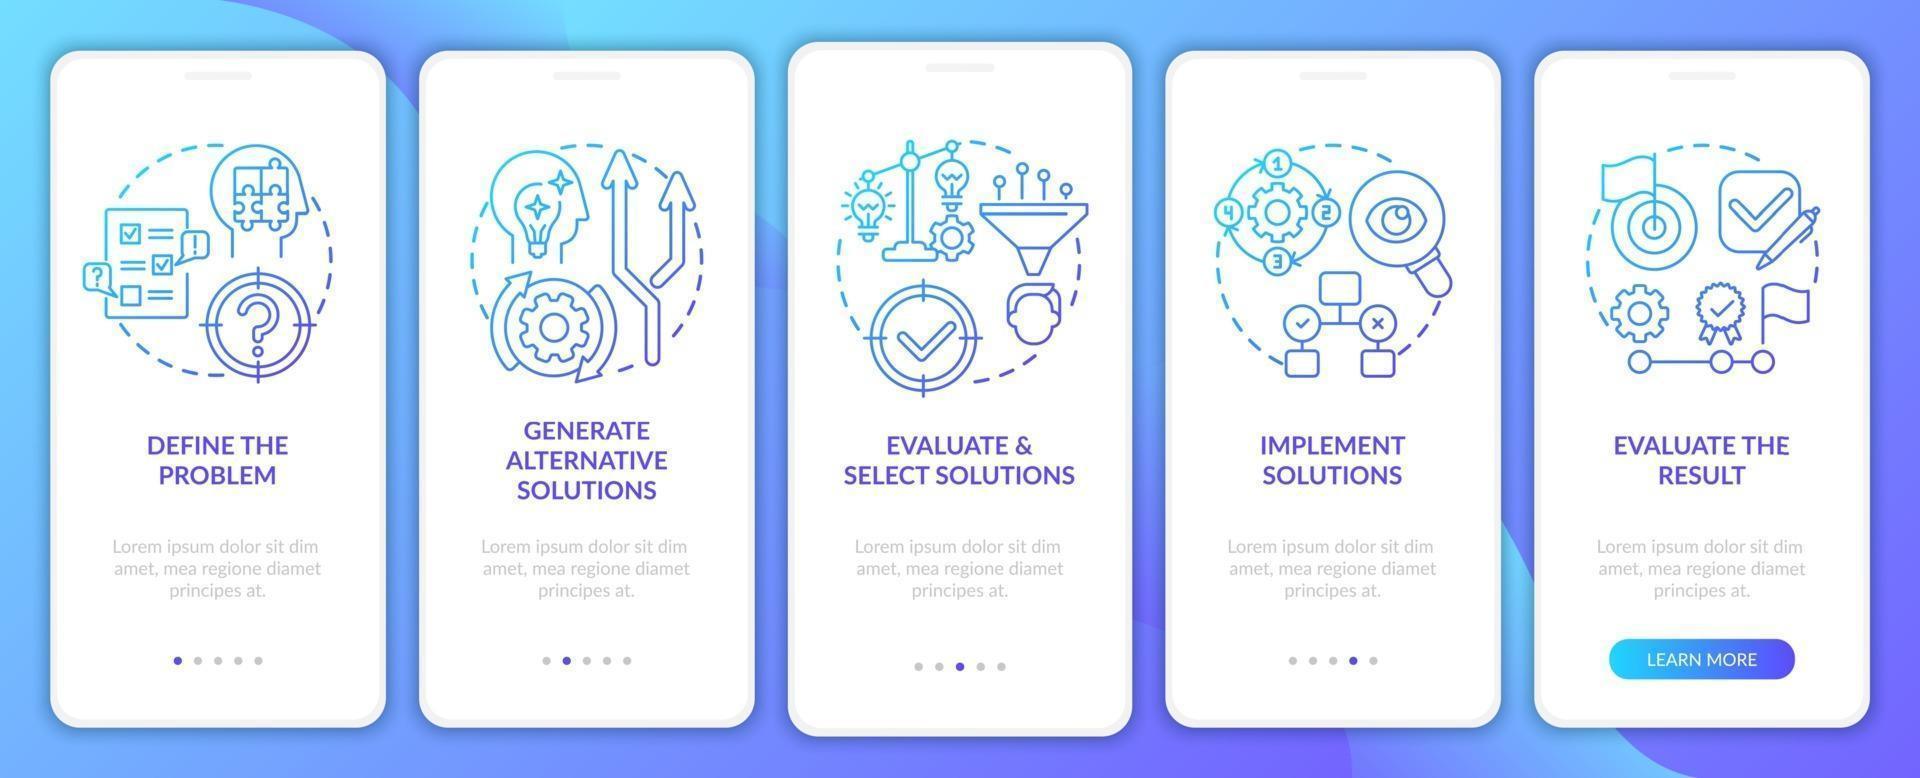 problemlösning steg marin ombord mobilapps sida skärm med koncept vektor